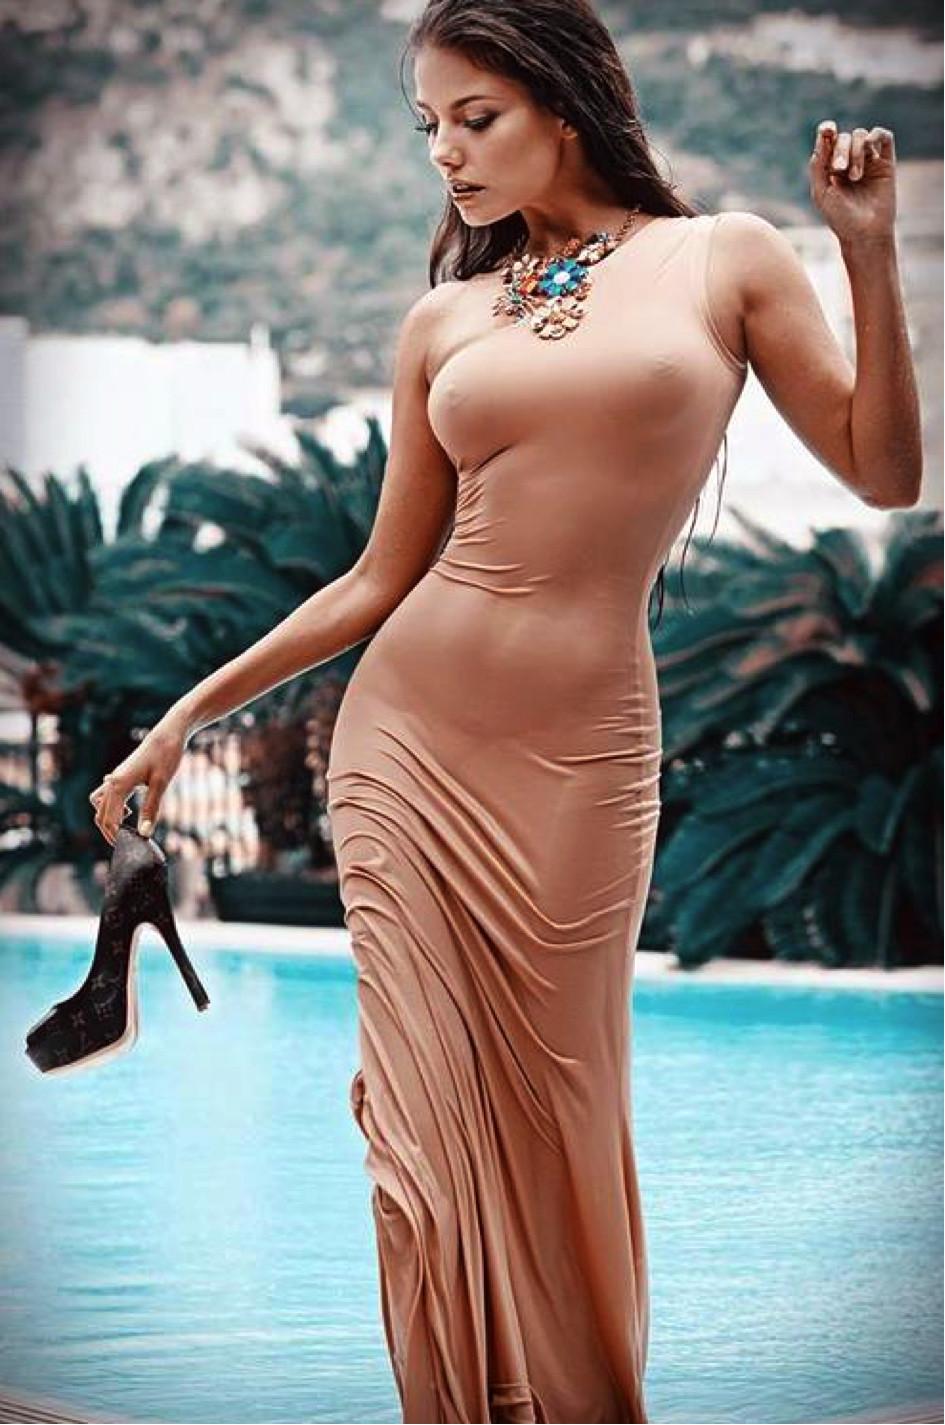 Фото женщины которые показывают что у них под платьем 22 фотография